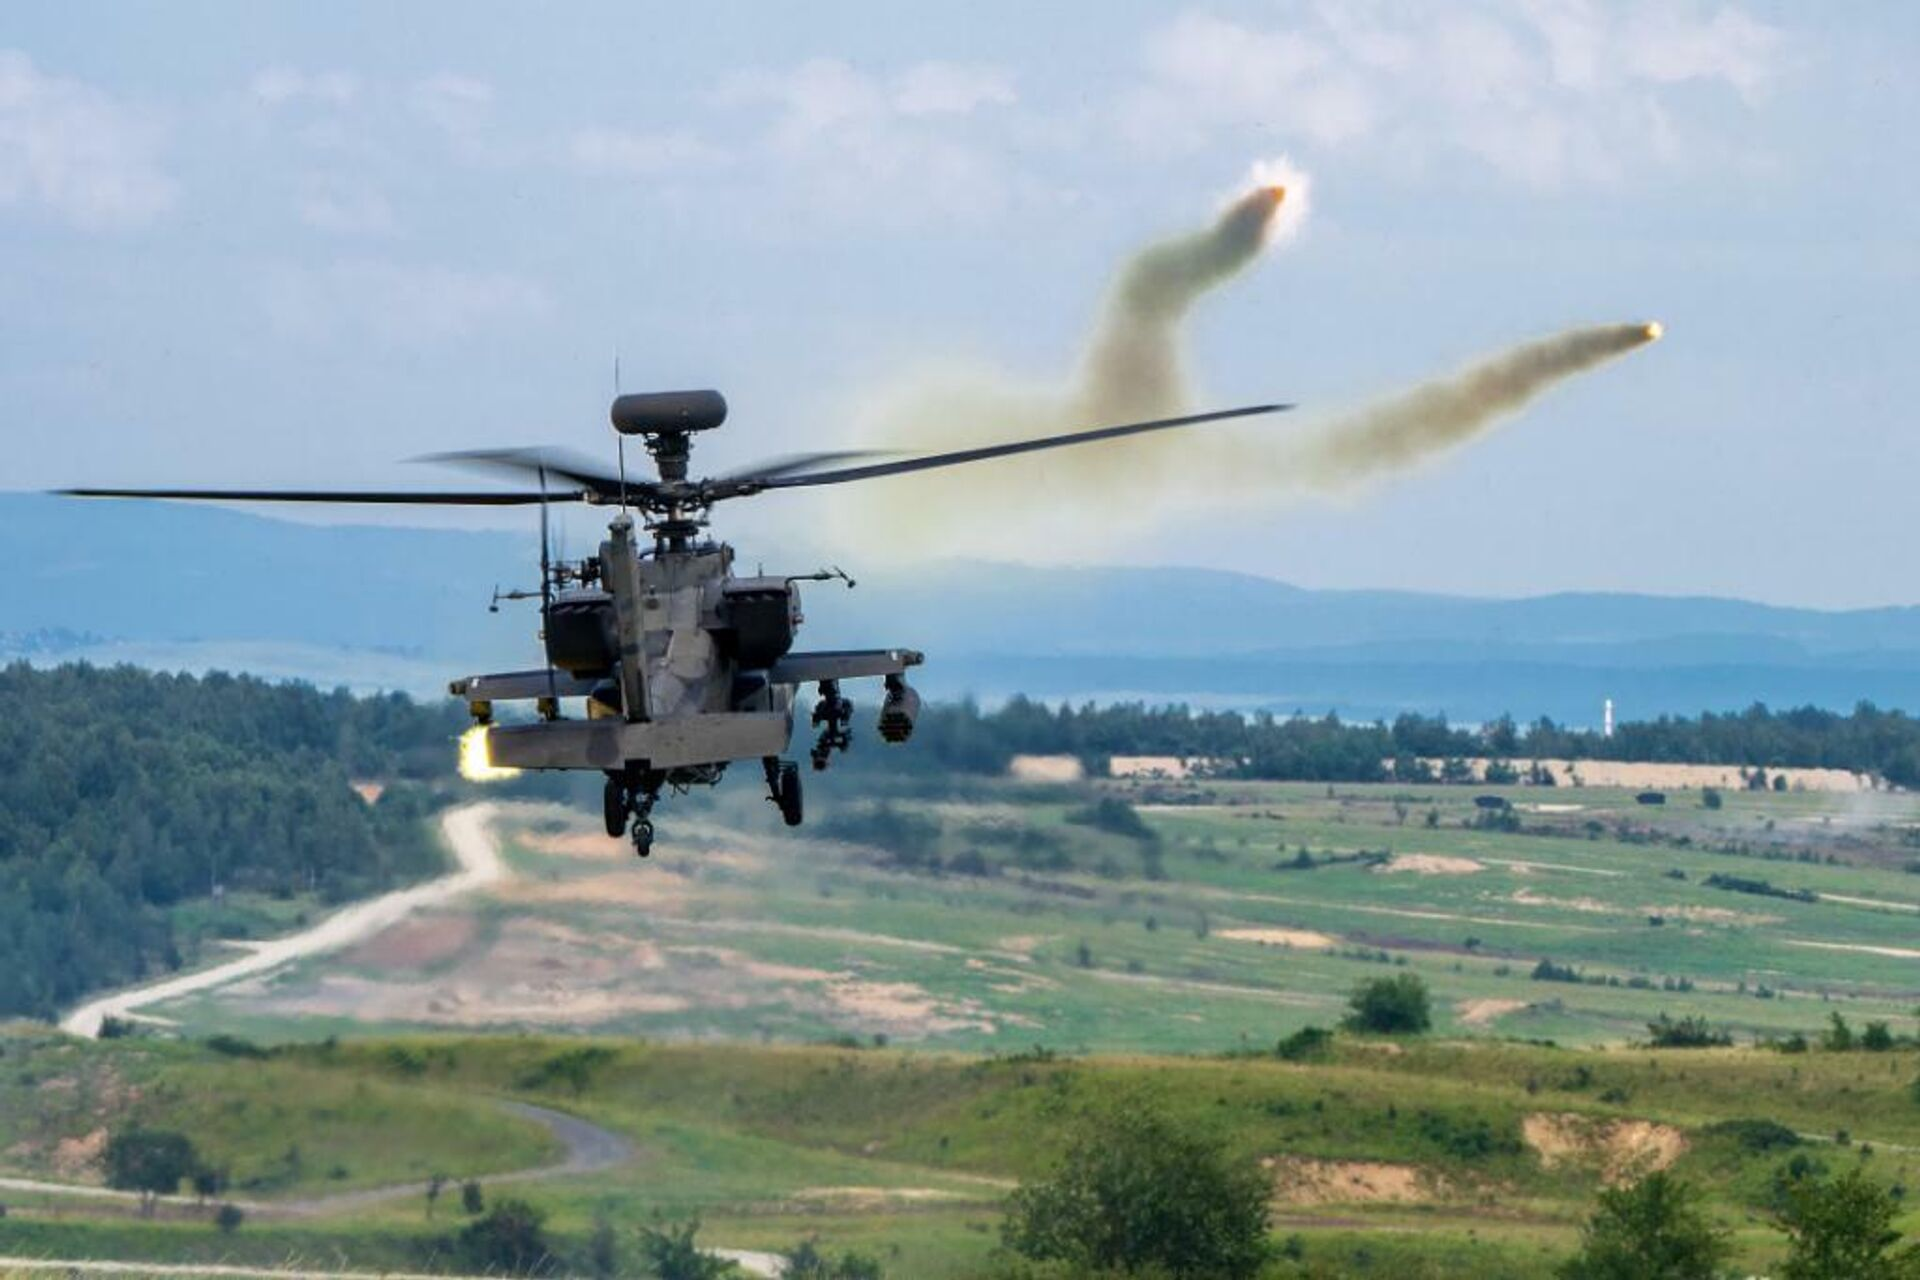 Американский ударный вертолет CAB AH-64 Apache во время учений в Германии - РИА Новости, 1920, 27.11.2020